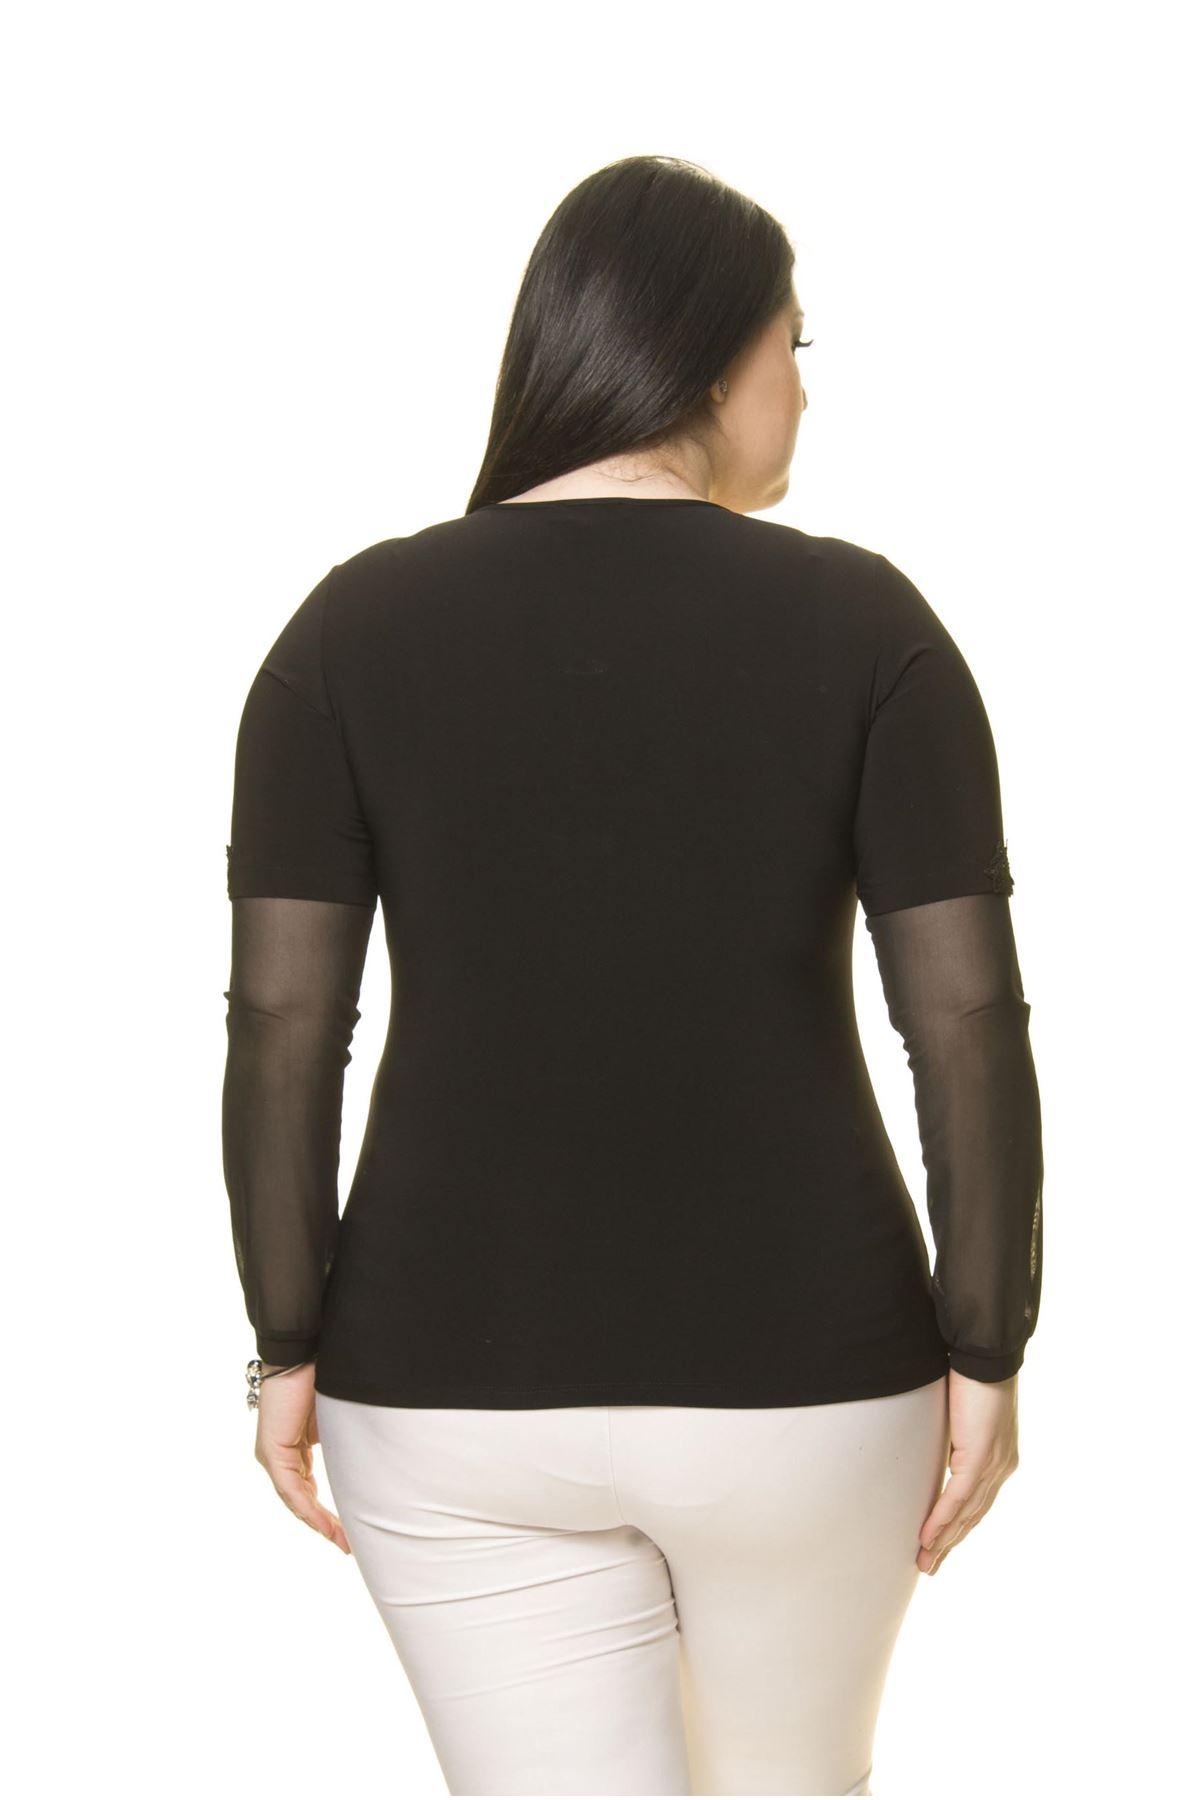 Kadın Büyük Beden Siyah Taş İşlemeli Şifon Kol Bluz A7-3029-1